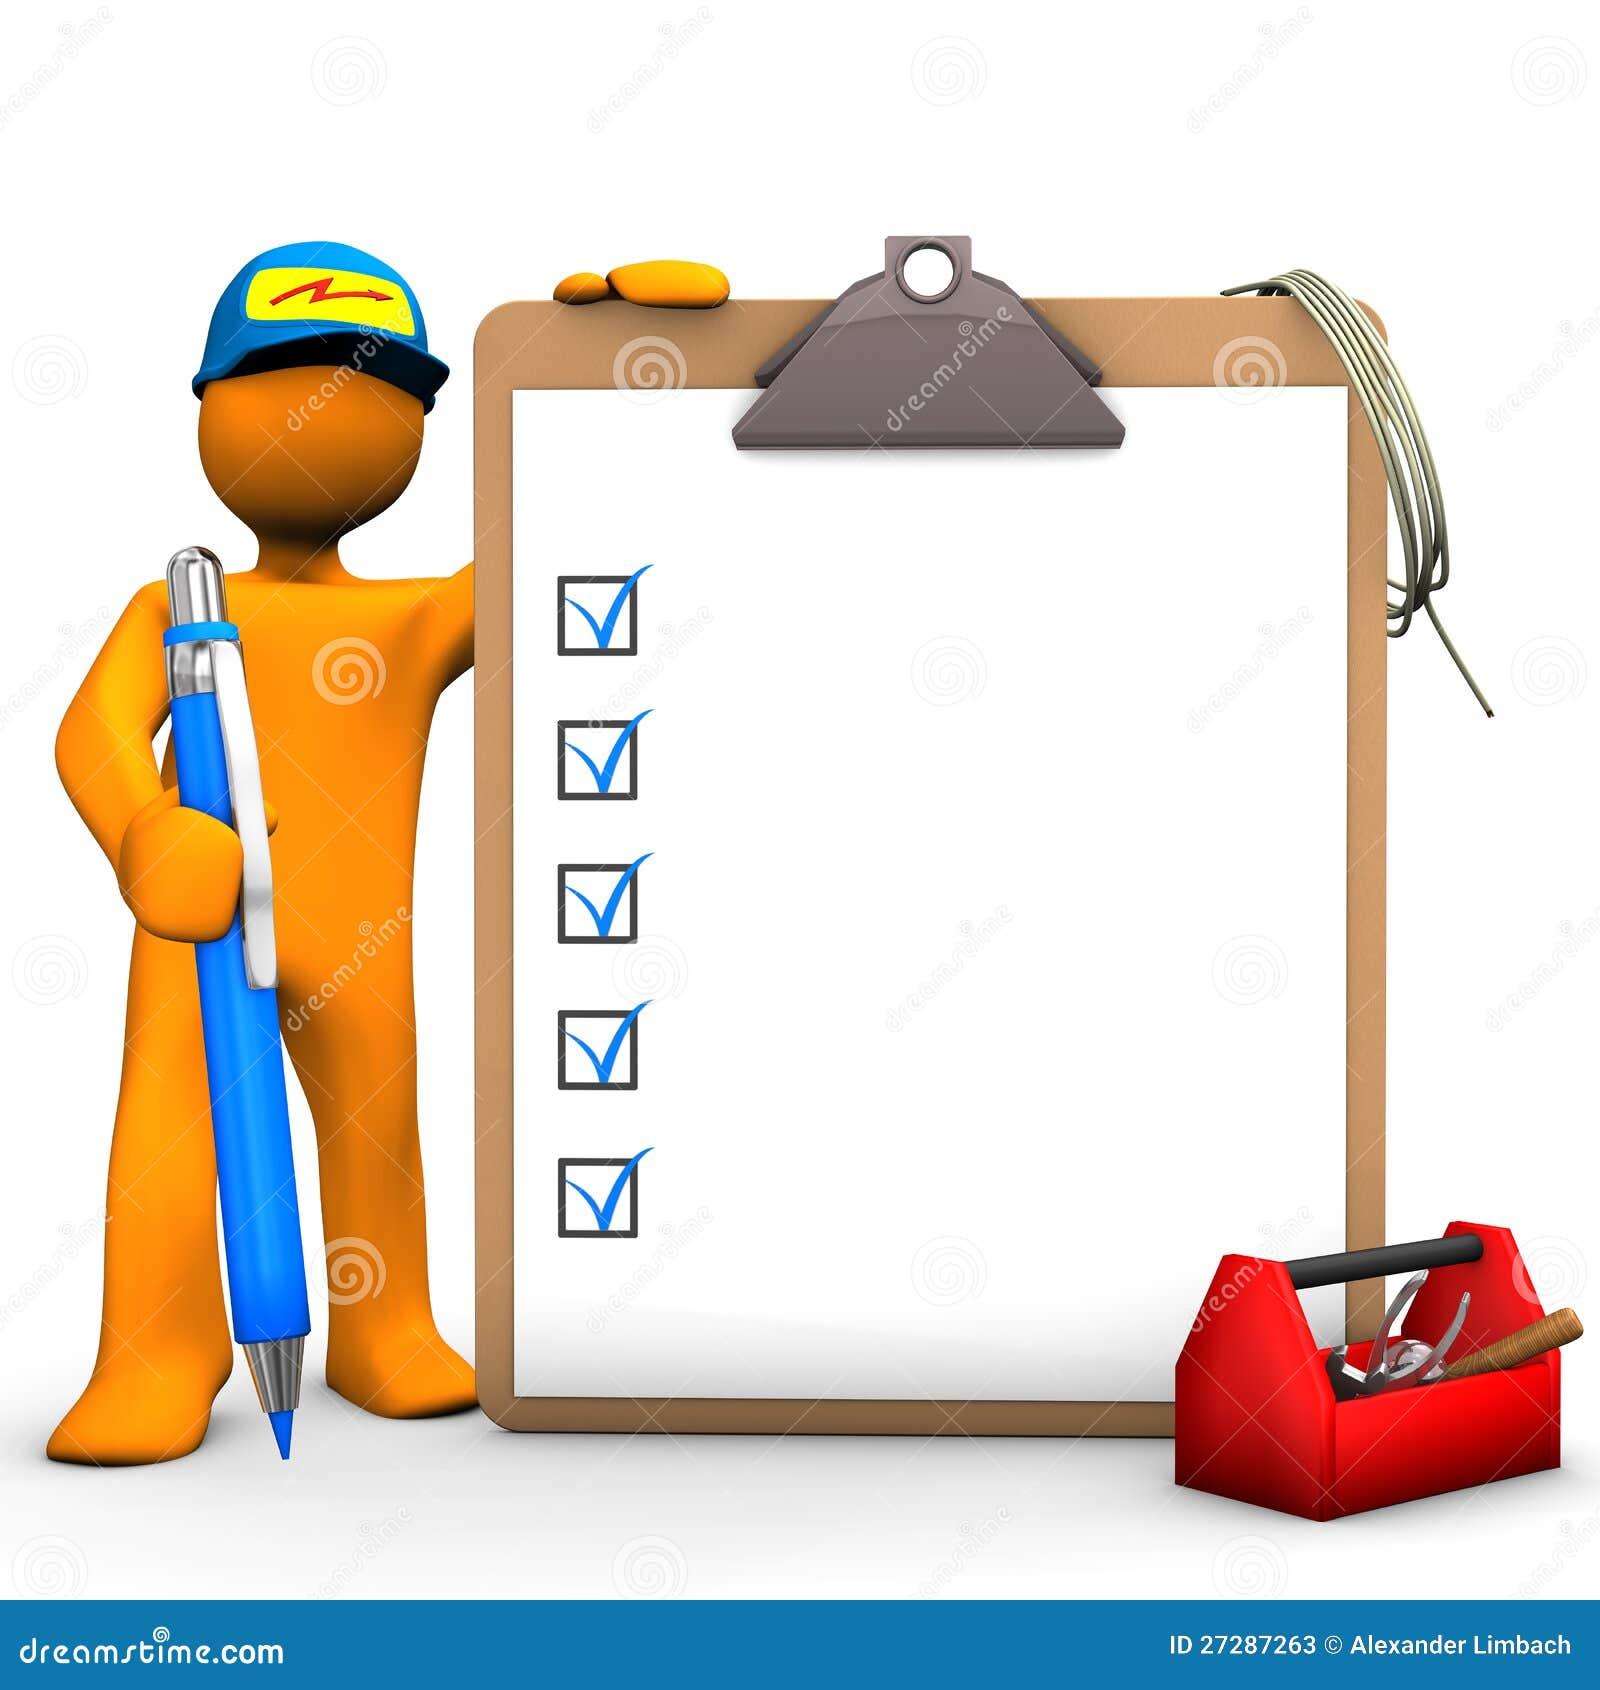 toolboxmeeting